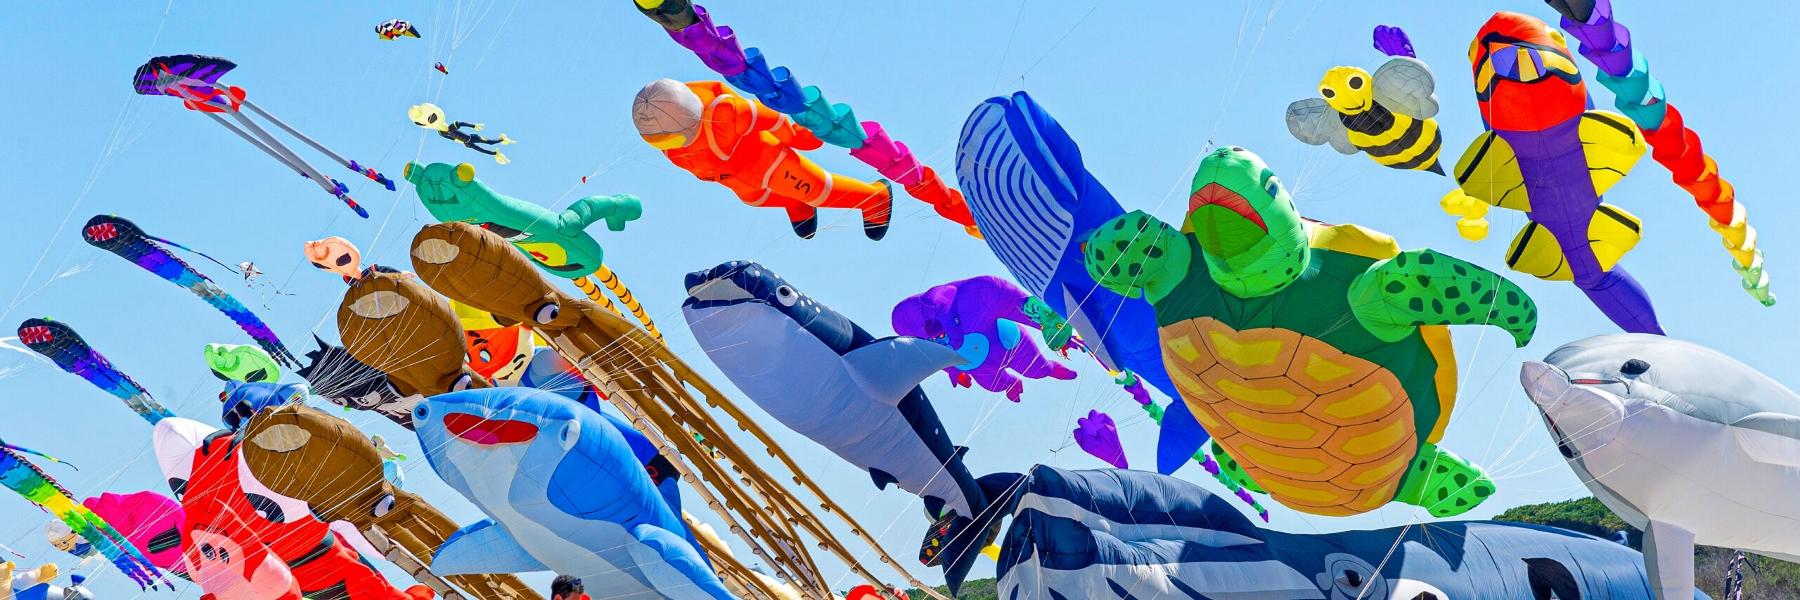 ARTEVENTO FEST 2020, Festival International du Cerf-volant